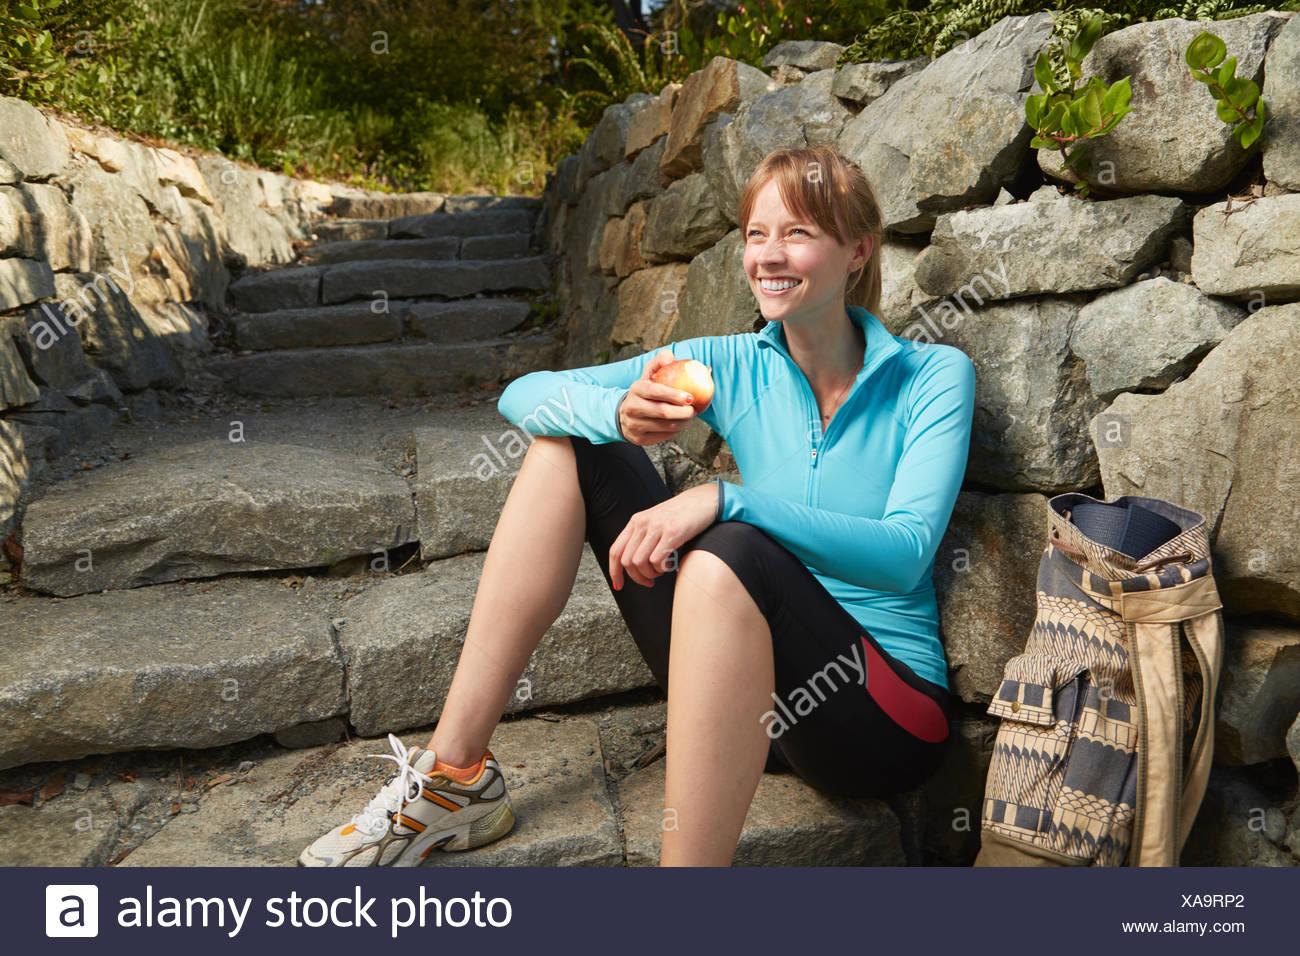 Mitte Erwachsene weibliche Läufer Pause eine im Park Essen eines Apfels Stockbild